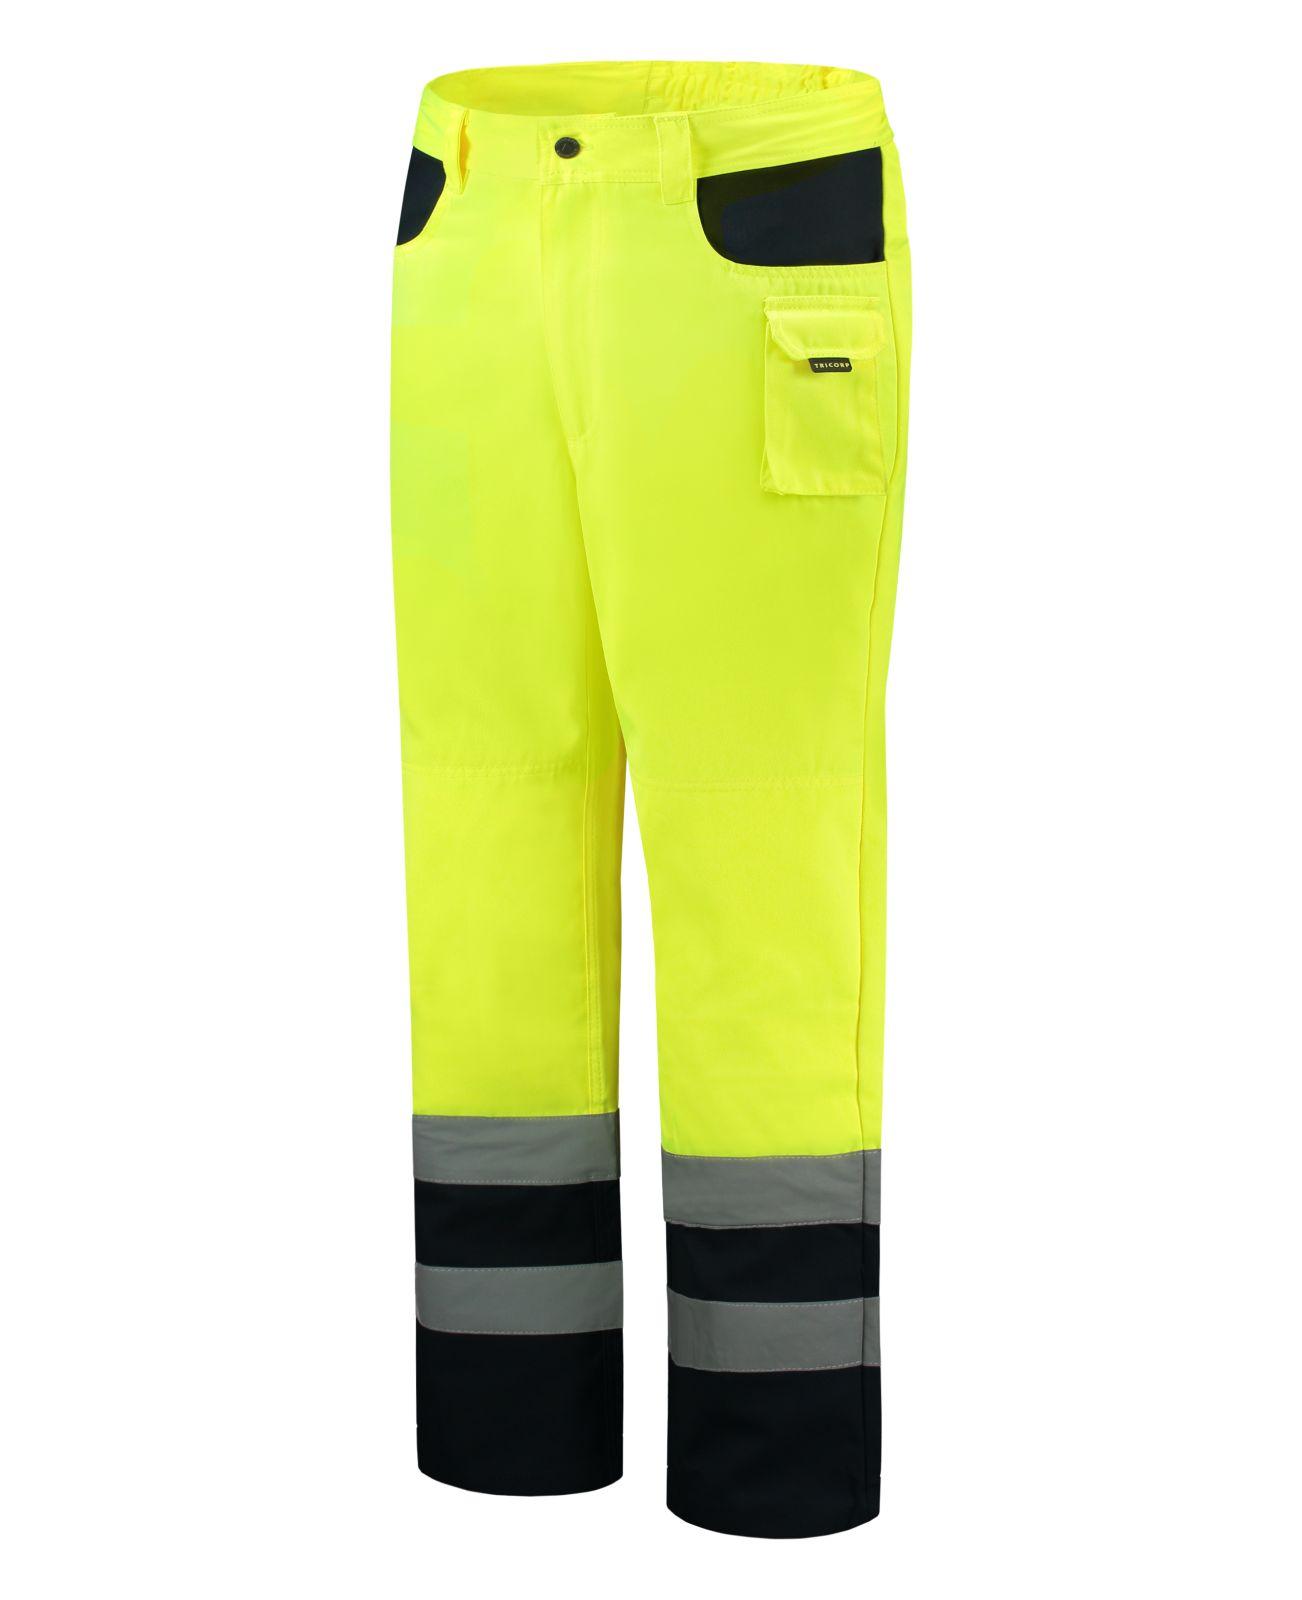 Tricorp Broeken 503002-TWE3001 EN 471 Kniezakken Polyester- katoen fluo geel-marineblauw(Yellownavy)